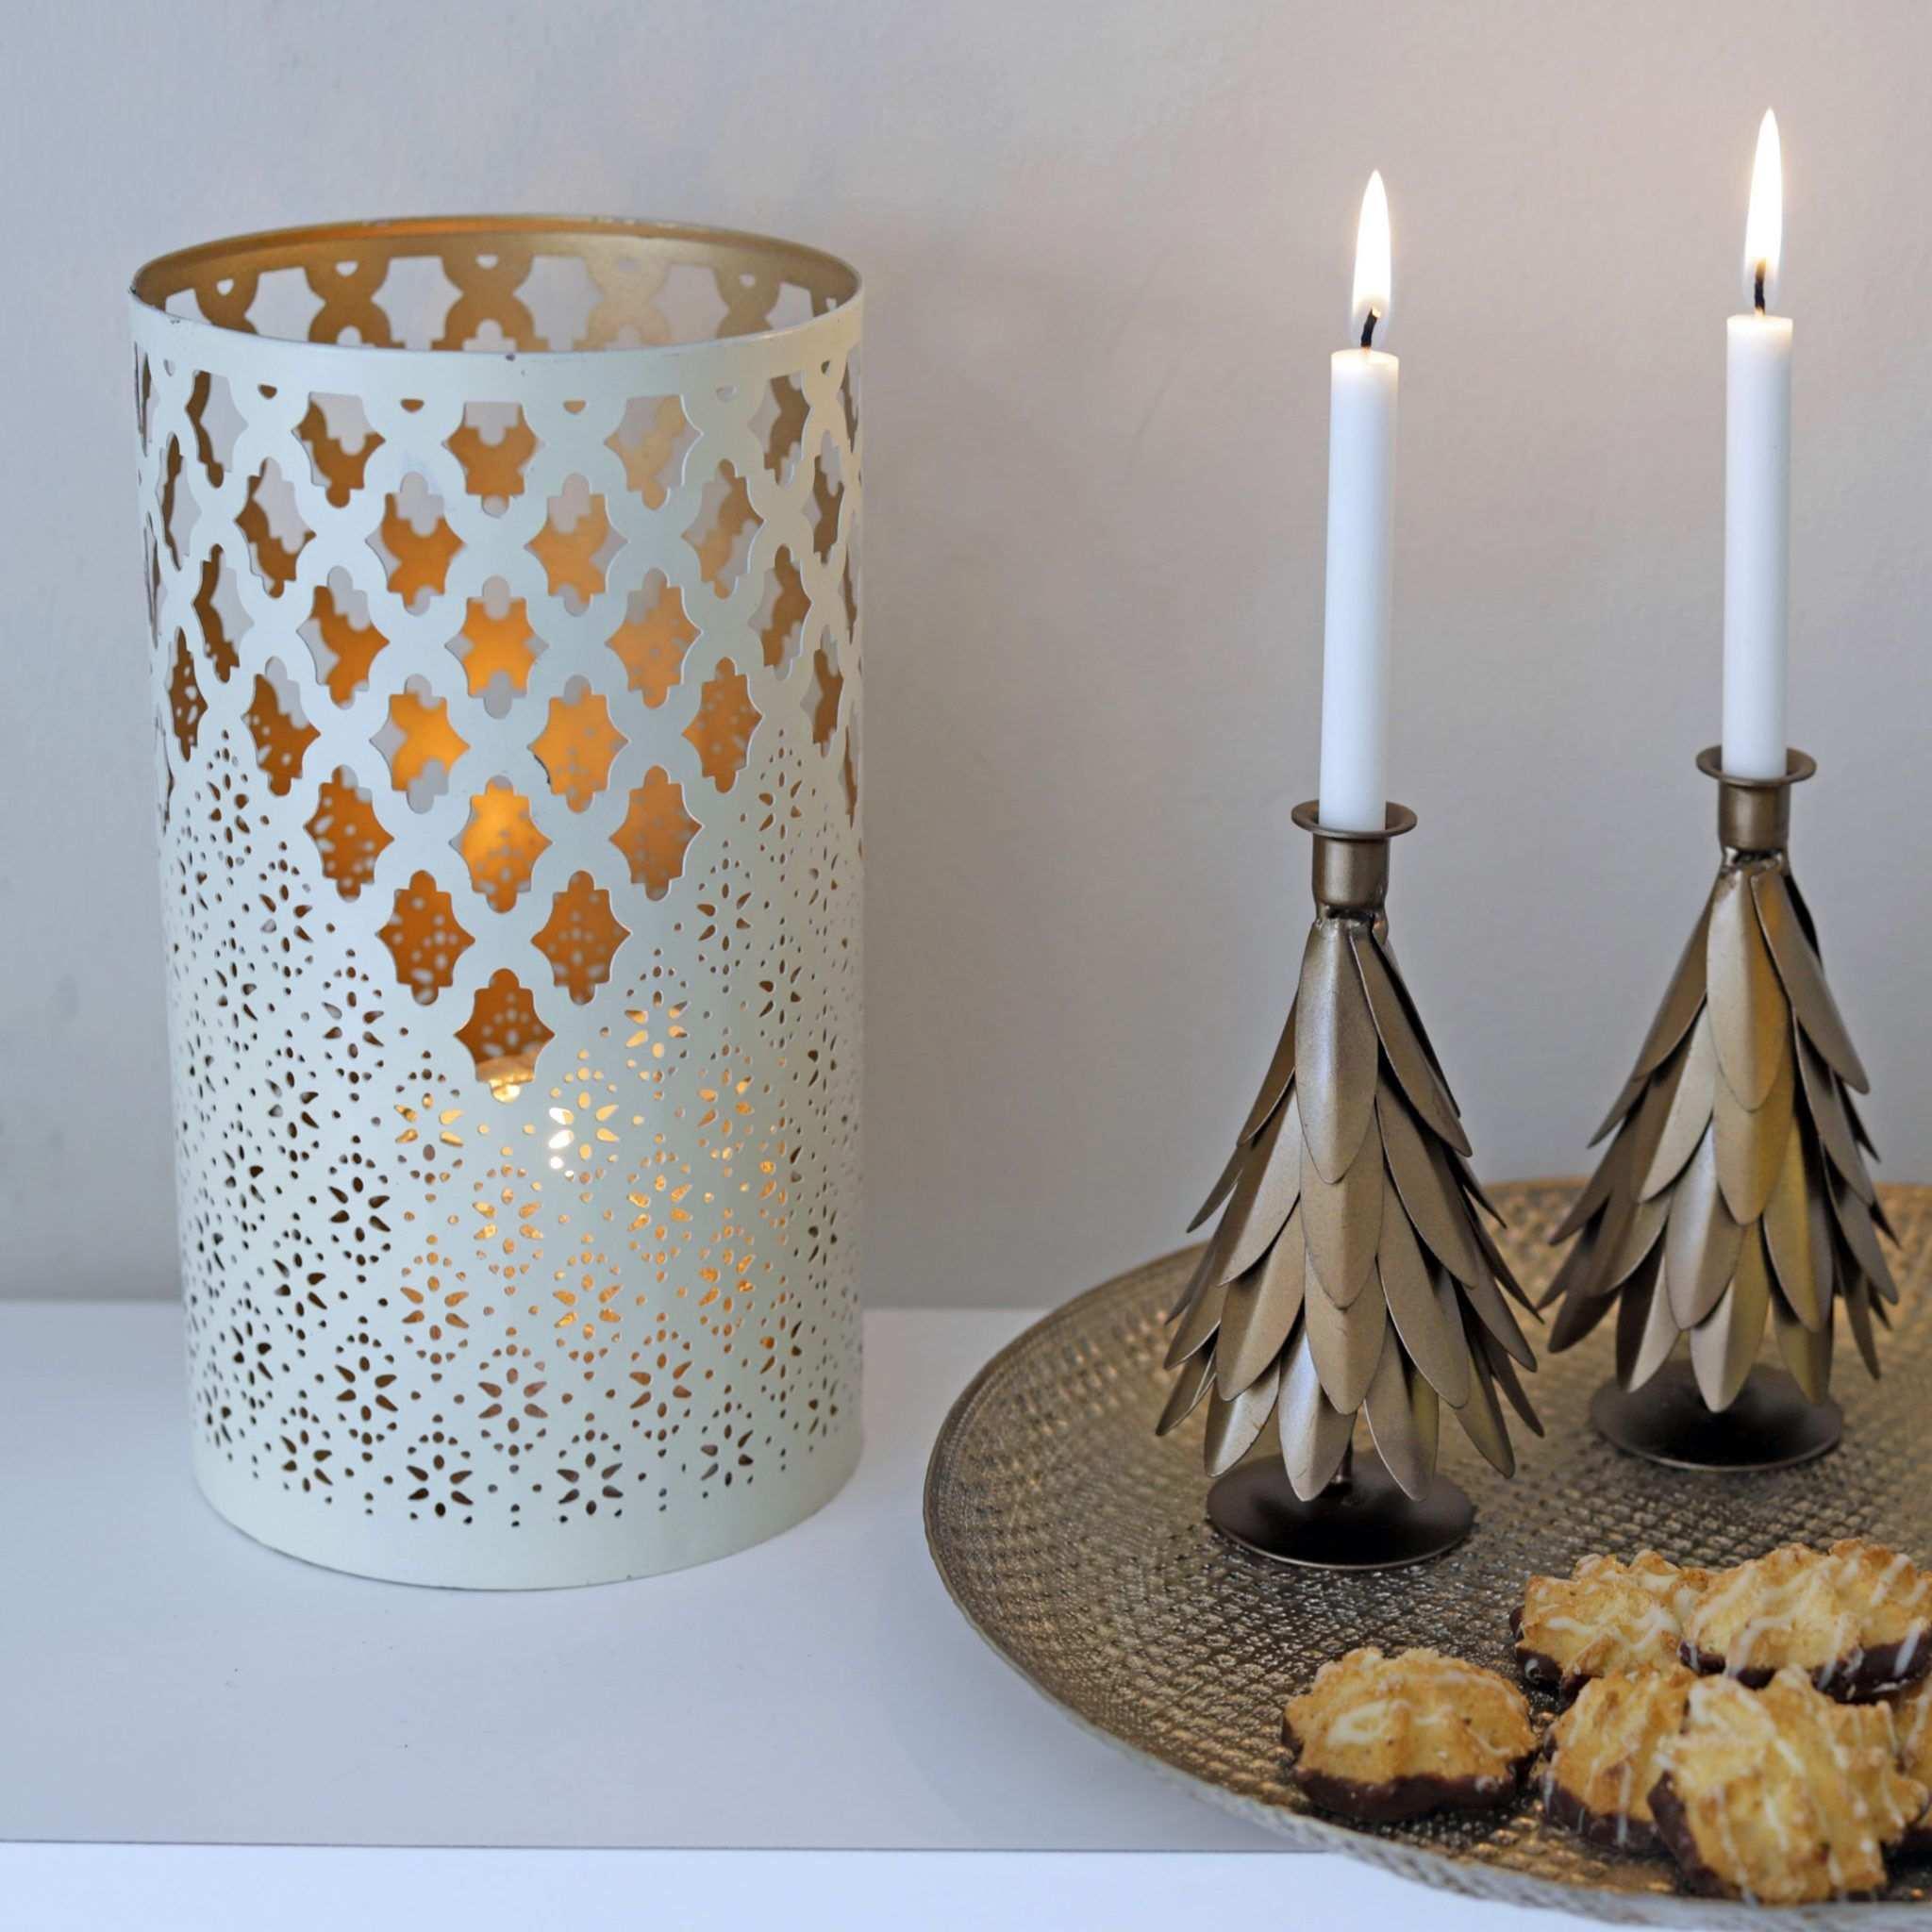 Goldenes Deko Tablett In Marokkanischen Stil Liv Interior Online Kaufen Marokkanischer Stil Adventskranz Ideen Weihnachten Dekoration